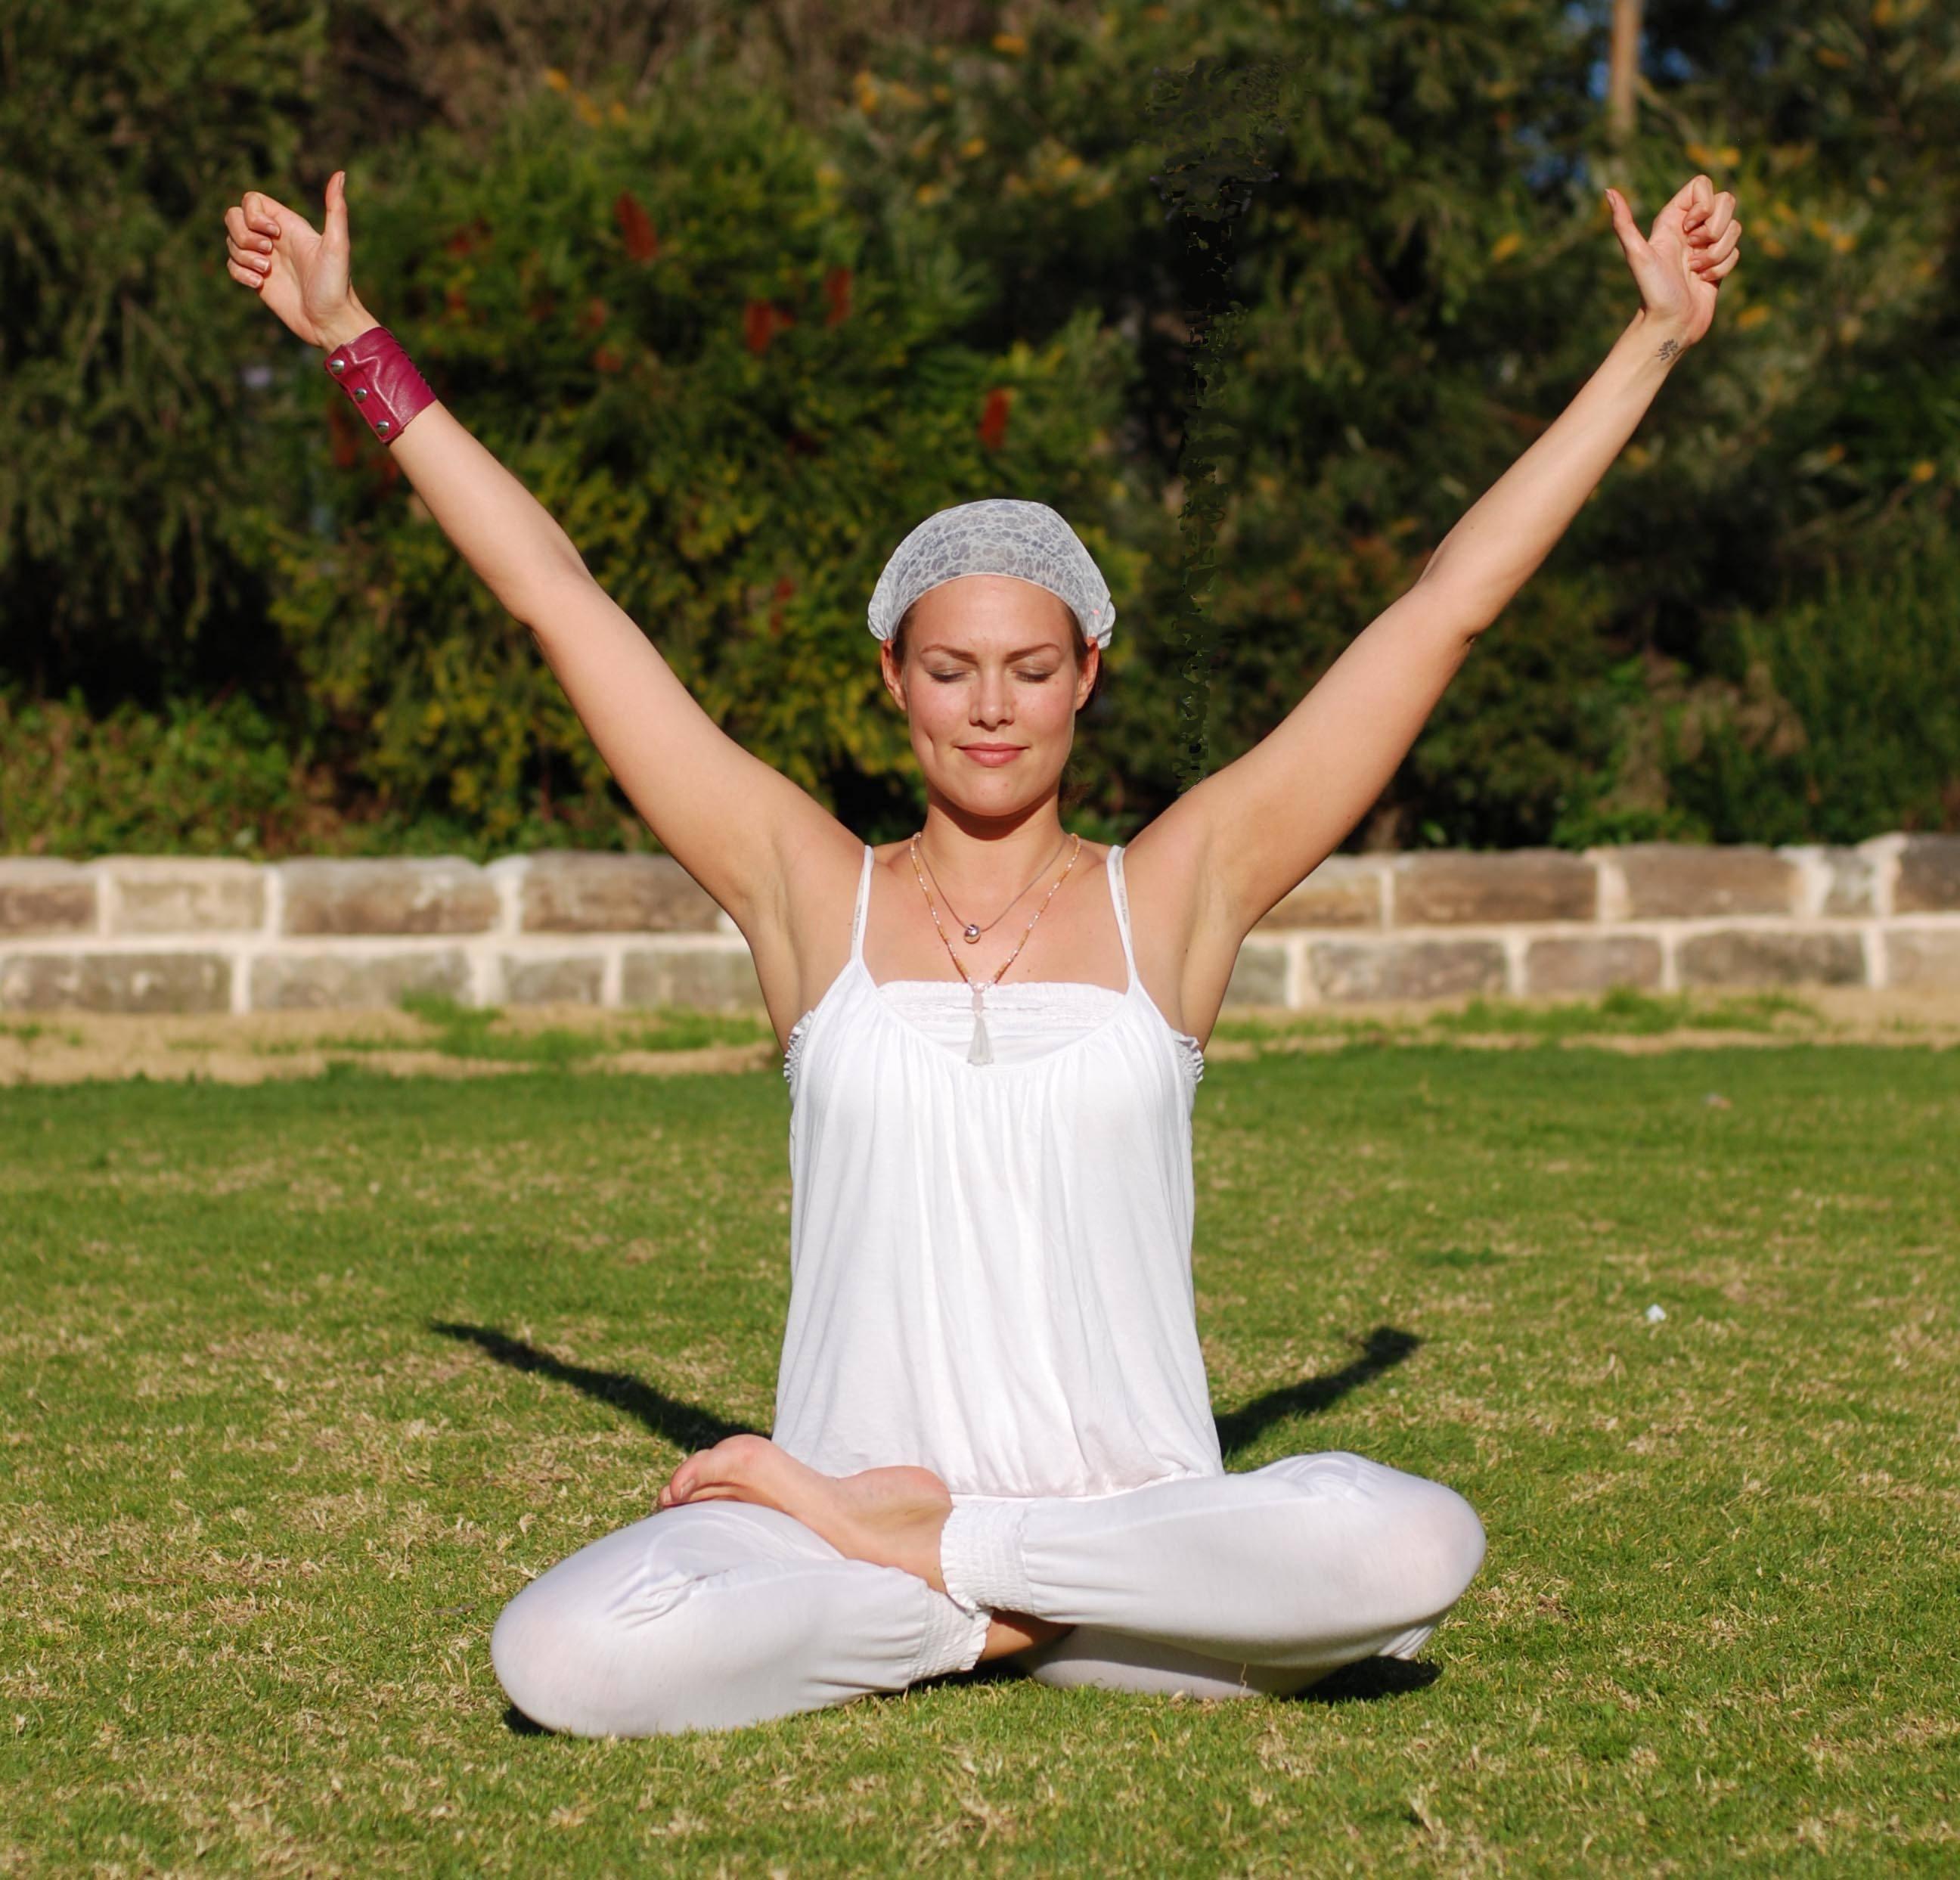 Дандасана: поза посоха в йоге с подробной техникой выполнения и фото